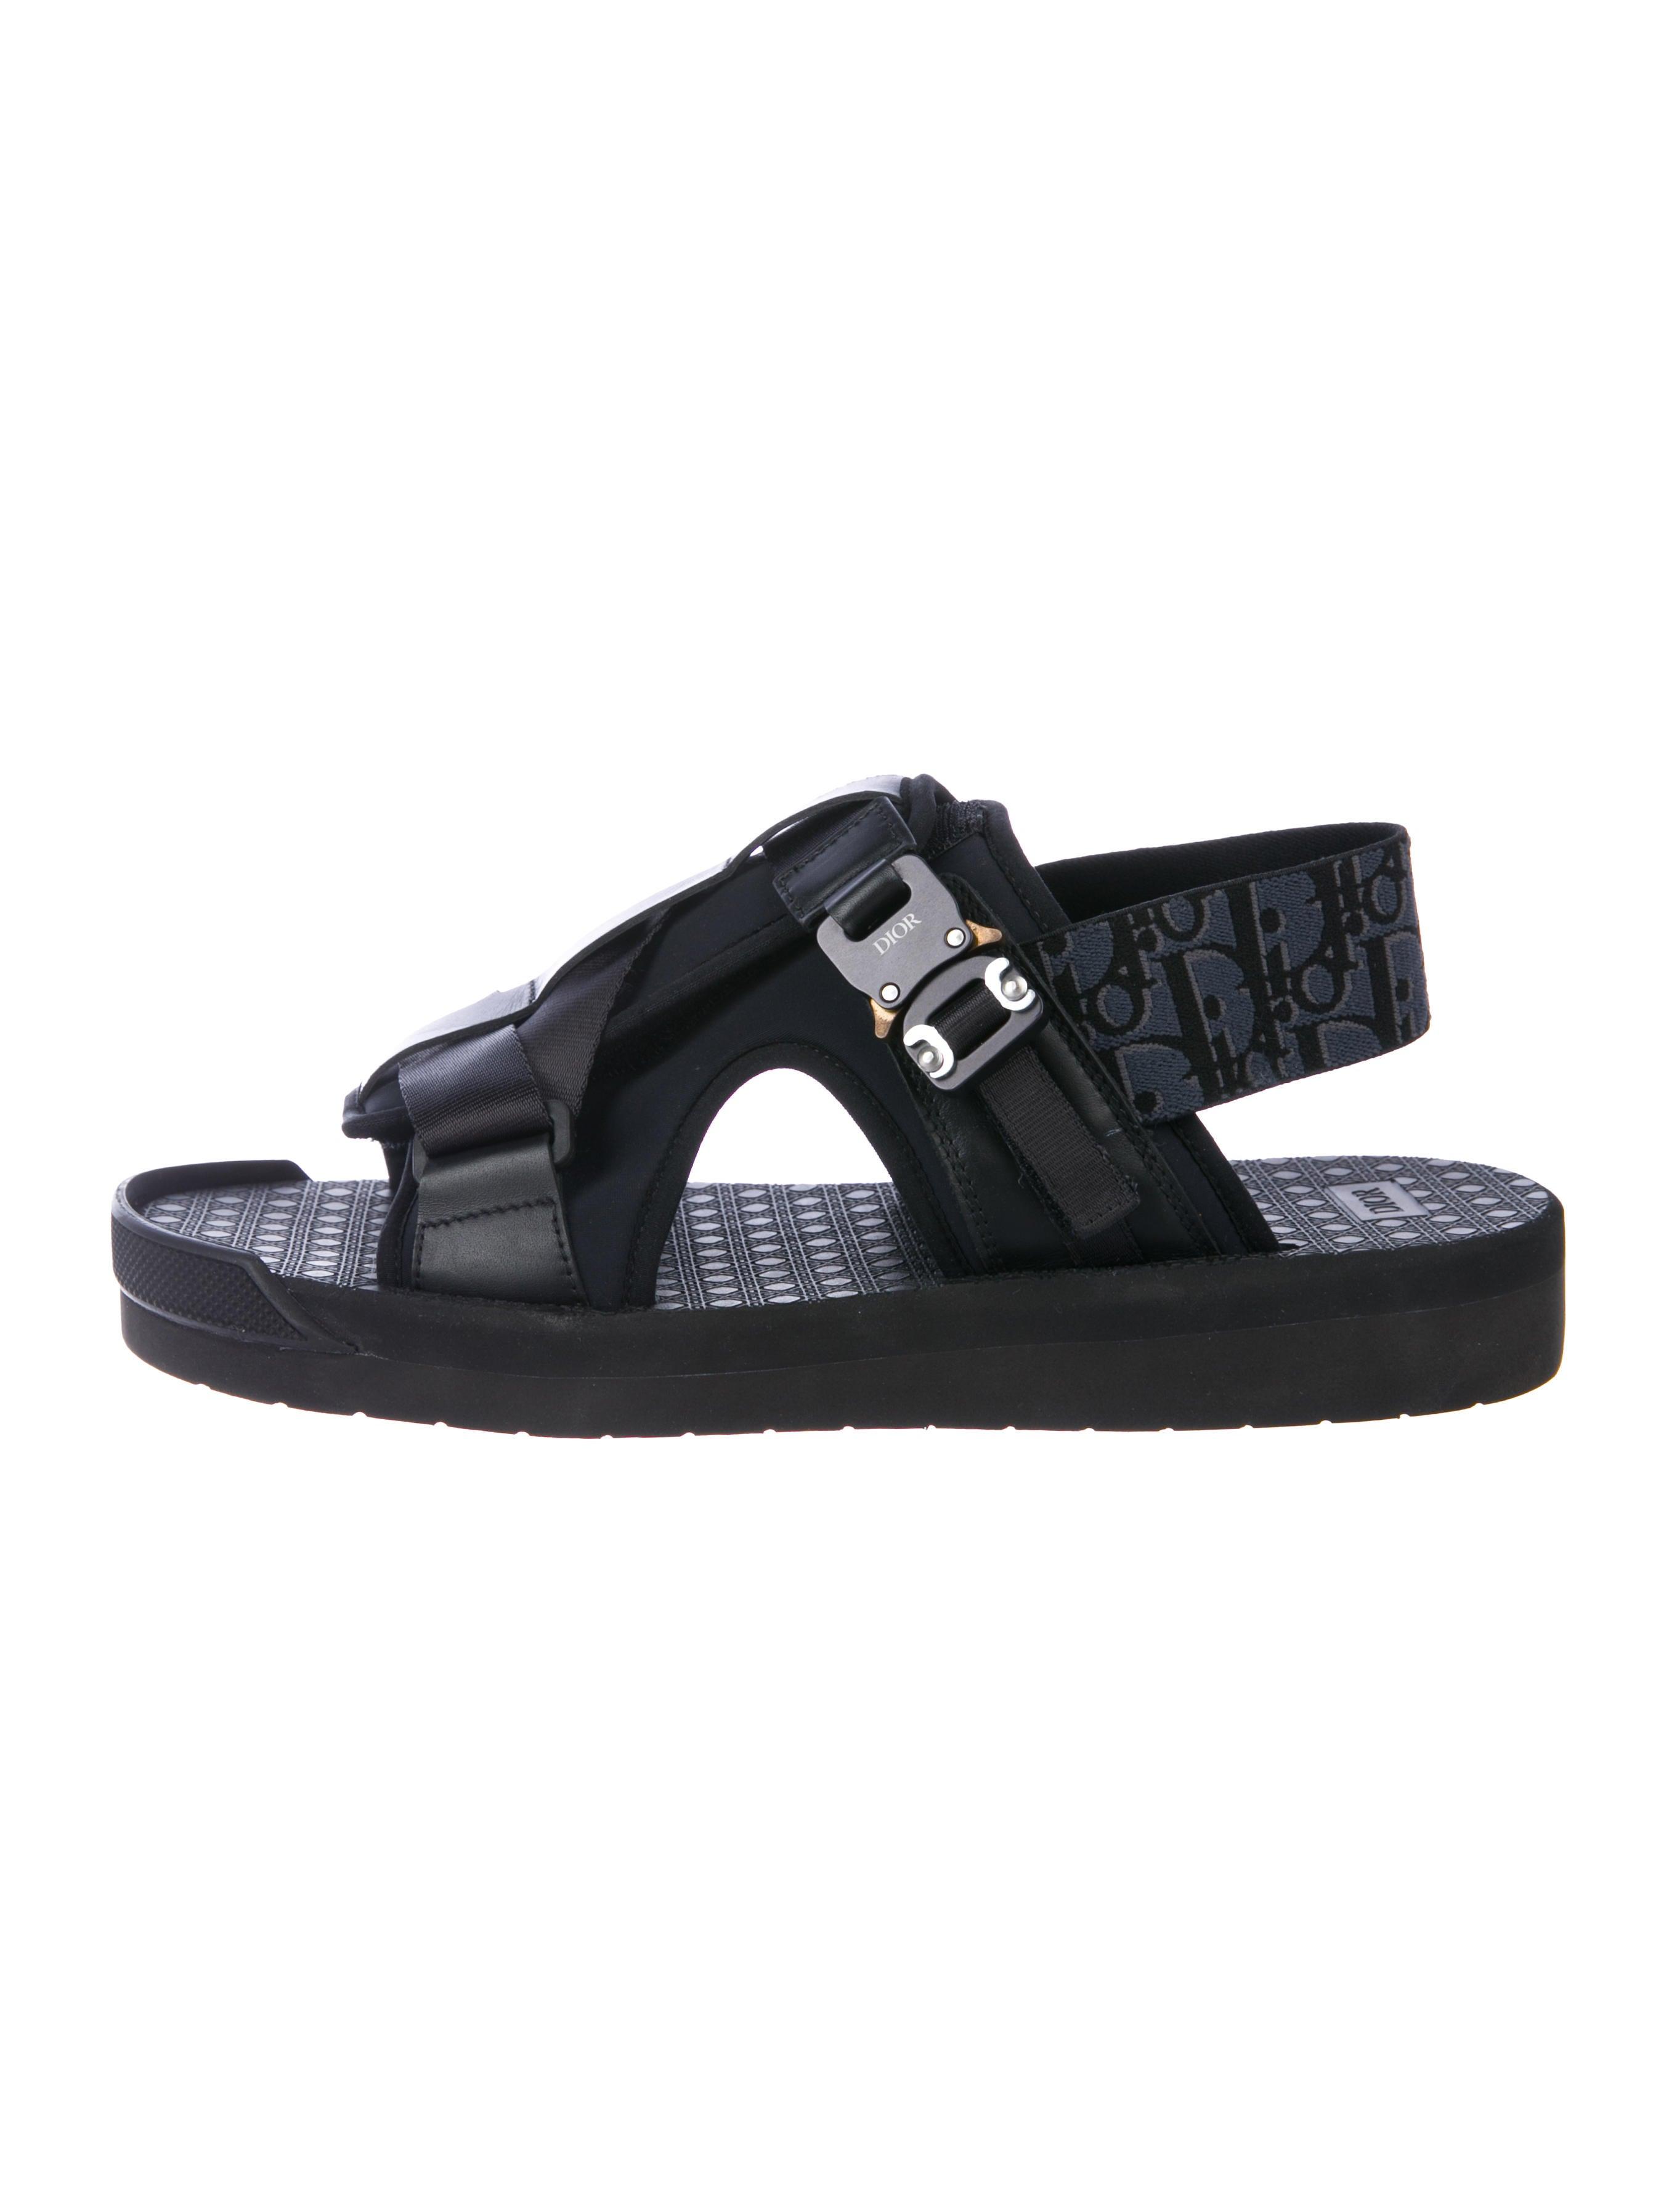 Dior Homme Neoprene Strap Sandals